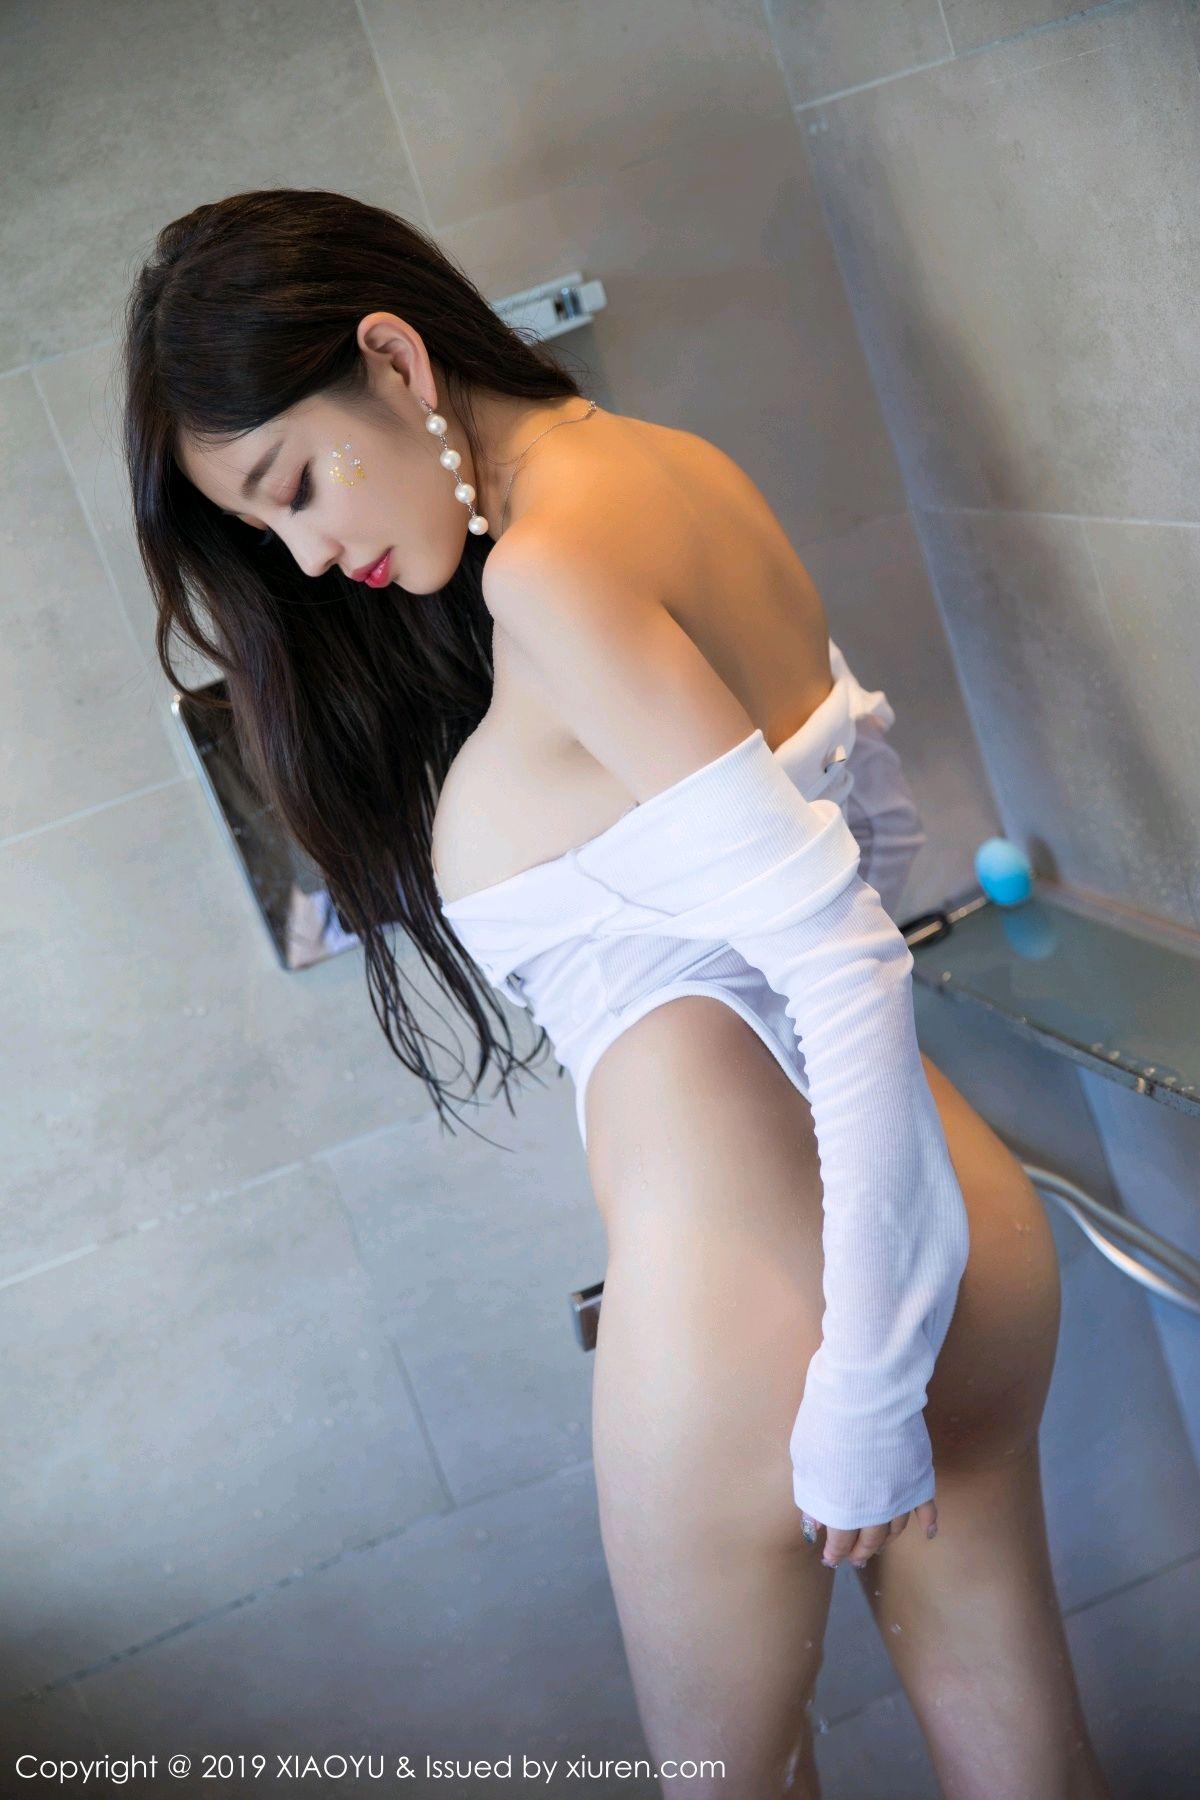 [XiaoYu] Vol.089 Yang Chen Chen 60P, Bathroom, Wet, XiaoYu, Yang Chen Chen